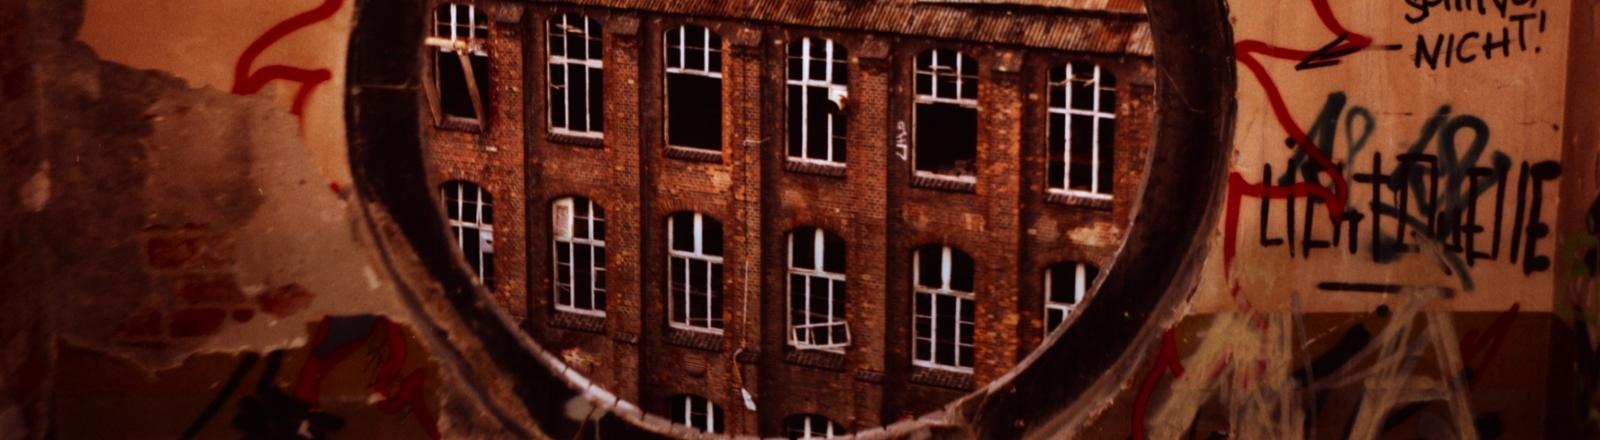 Ein alter Fabrikgebäude gesehen durch ein Guckloch.